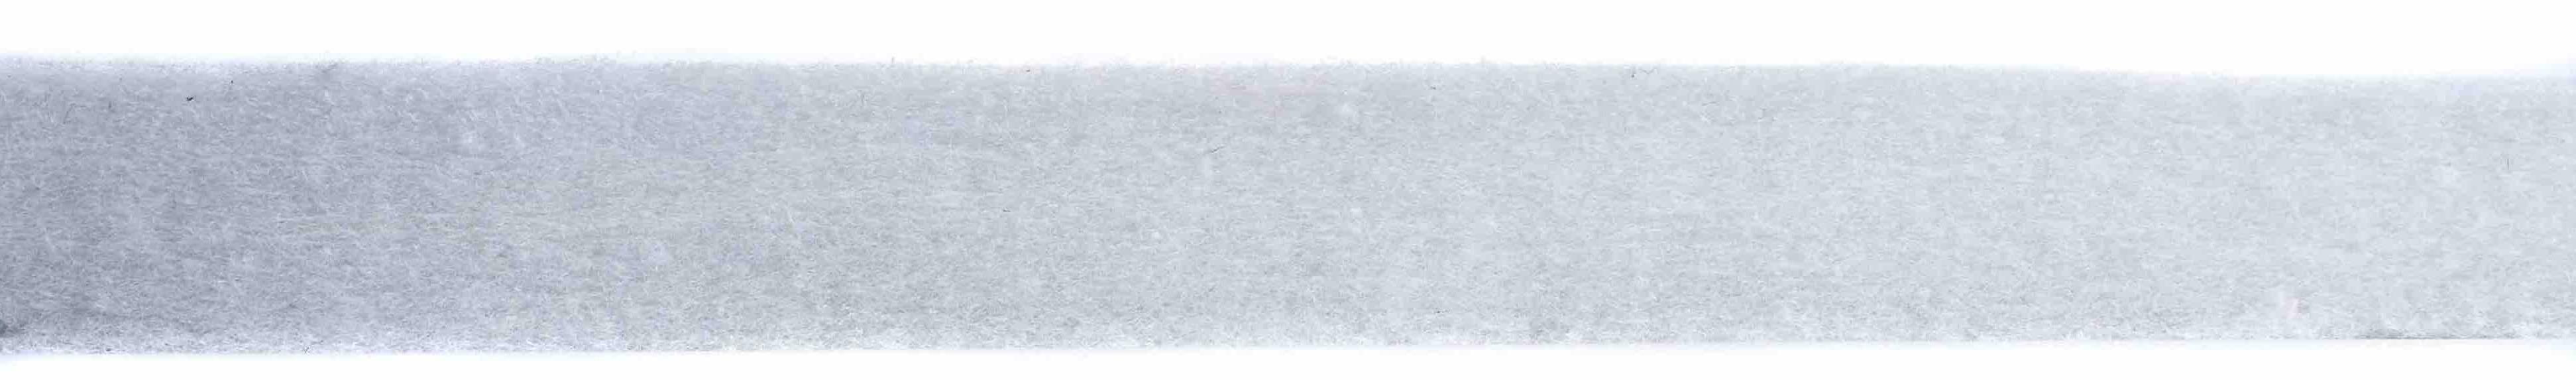 Pollyester 800G mattress fibre